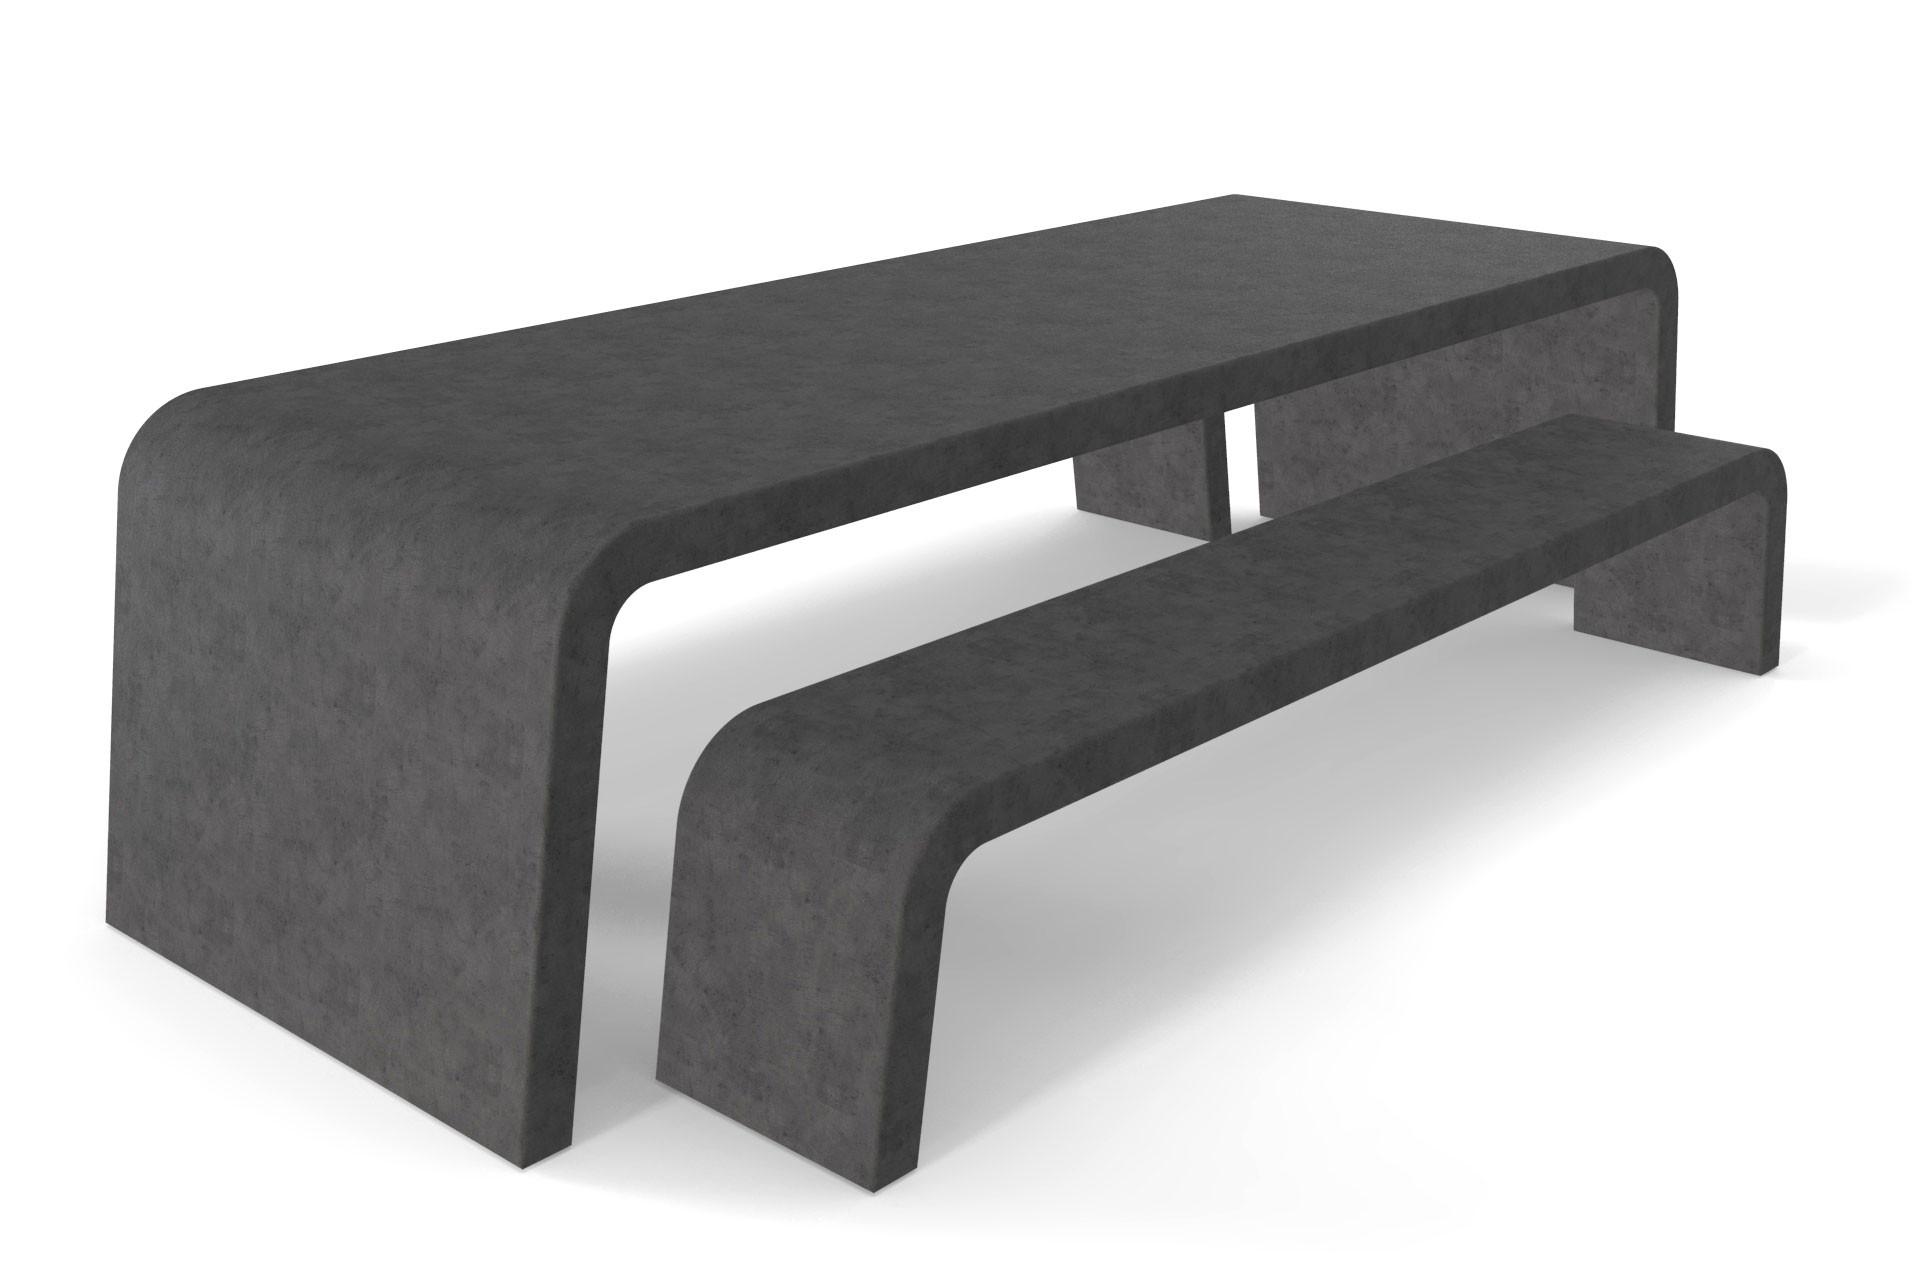 Antracieten betonlook Liv tuintafel met twee betonlook banken